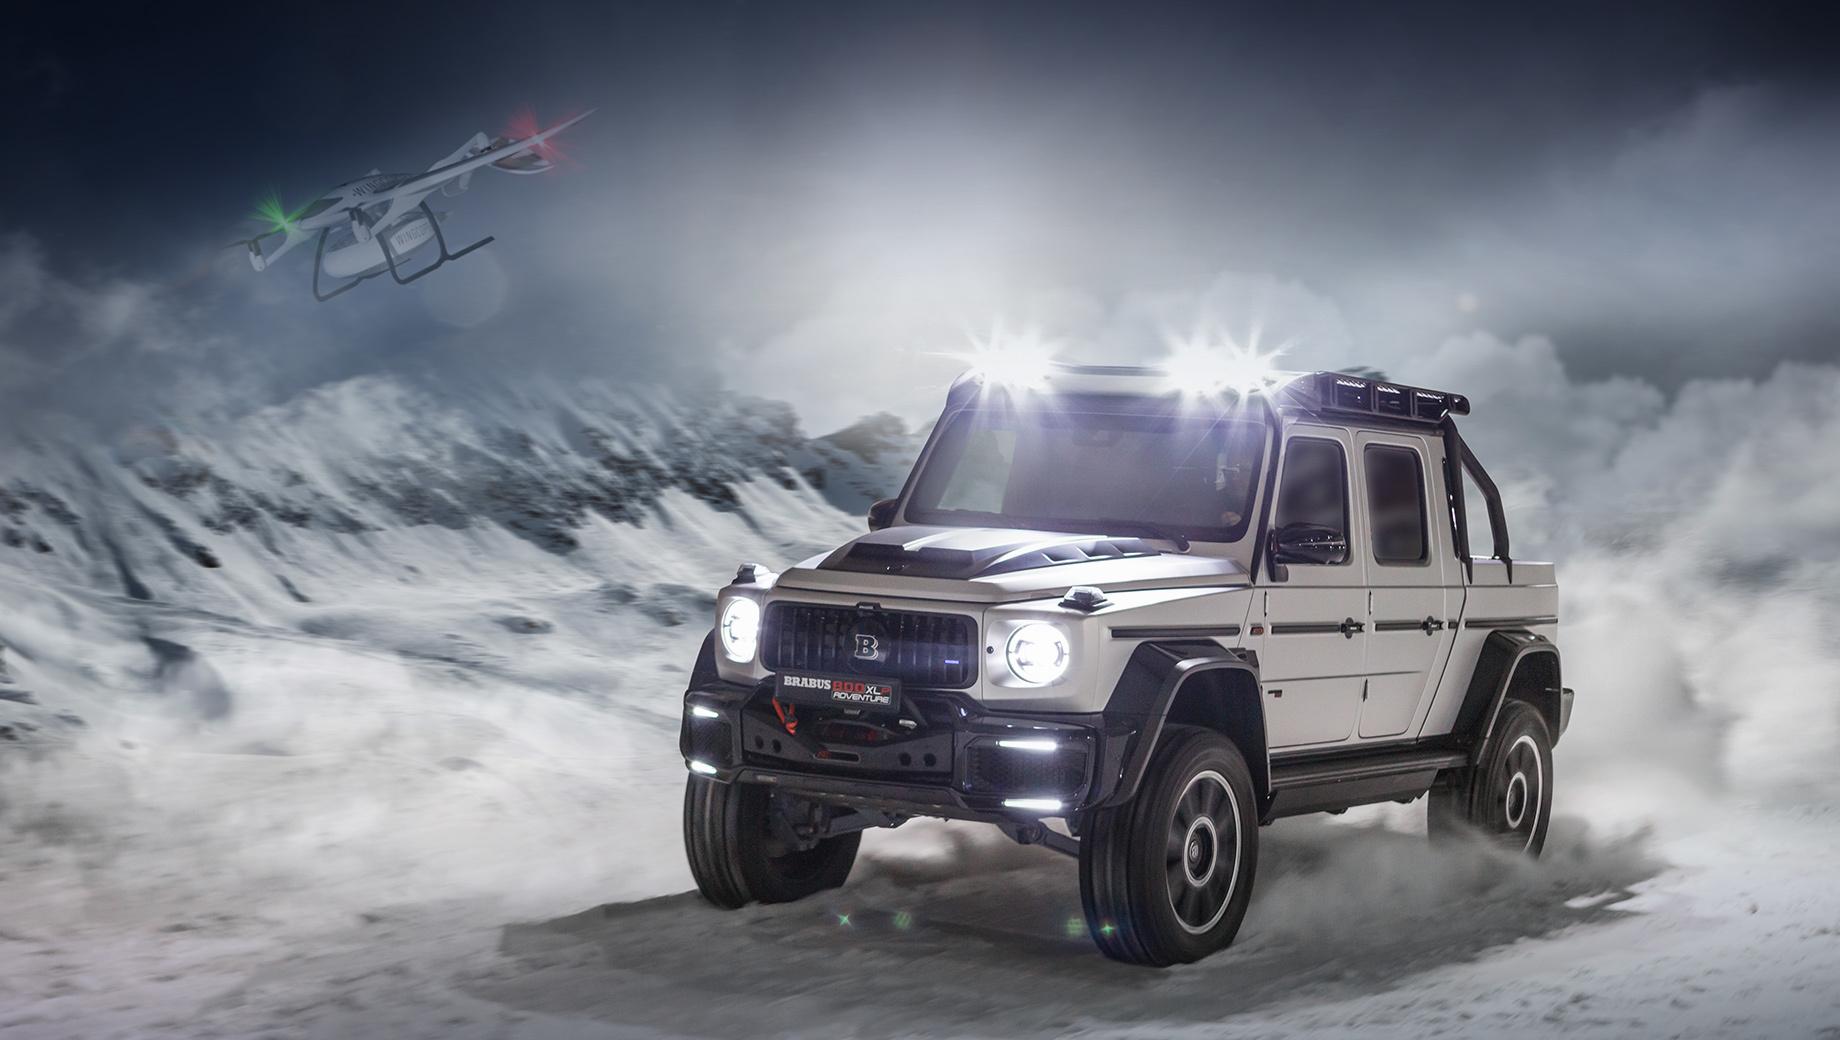 Mercedes g. Длина в сравнении с G 63 выросла на 689 мм (до 5310). Пакет Widestar расширил крылья. Клиренс увеличен благодаря шасси с портальными мостами, разработанному специально для пикапа. При этом адаптивная подвеска Brabus Ride Control управляется с помощью стандартной системы Dynamic Select.